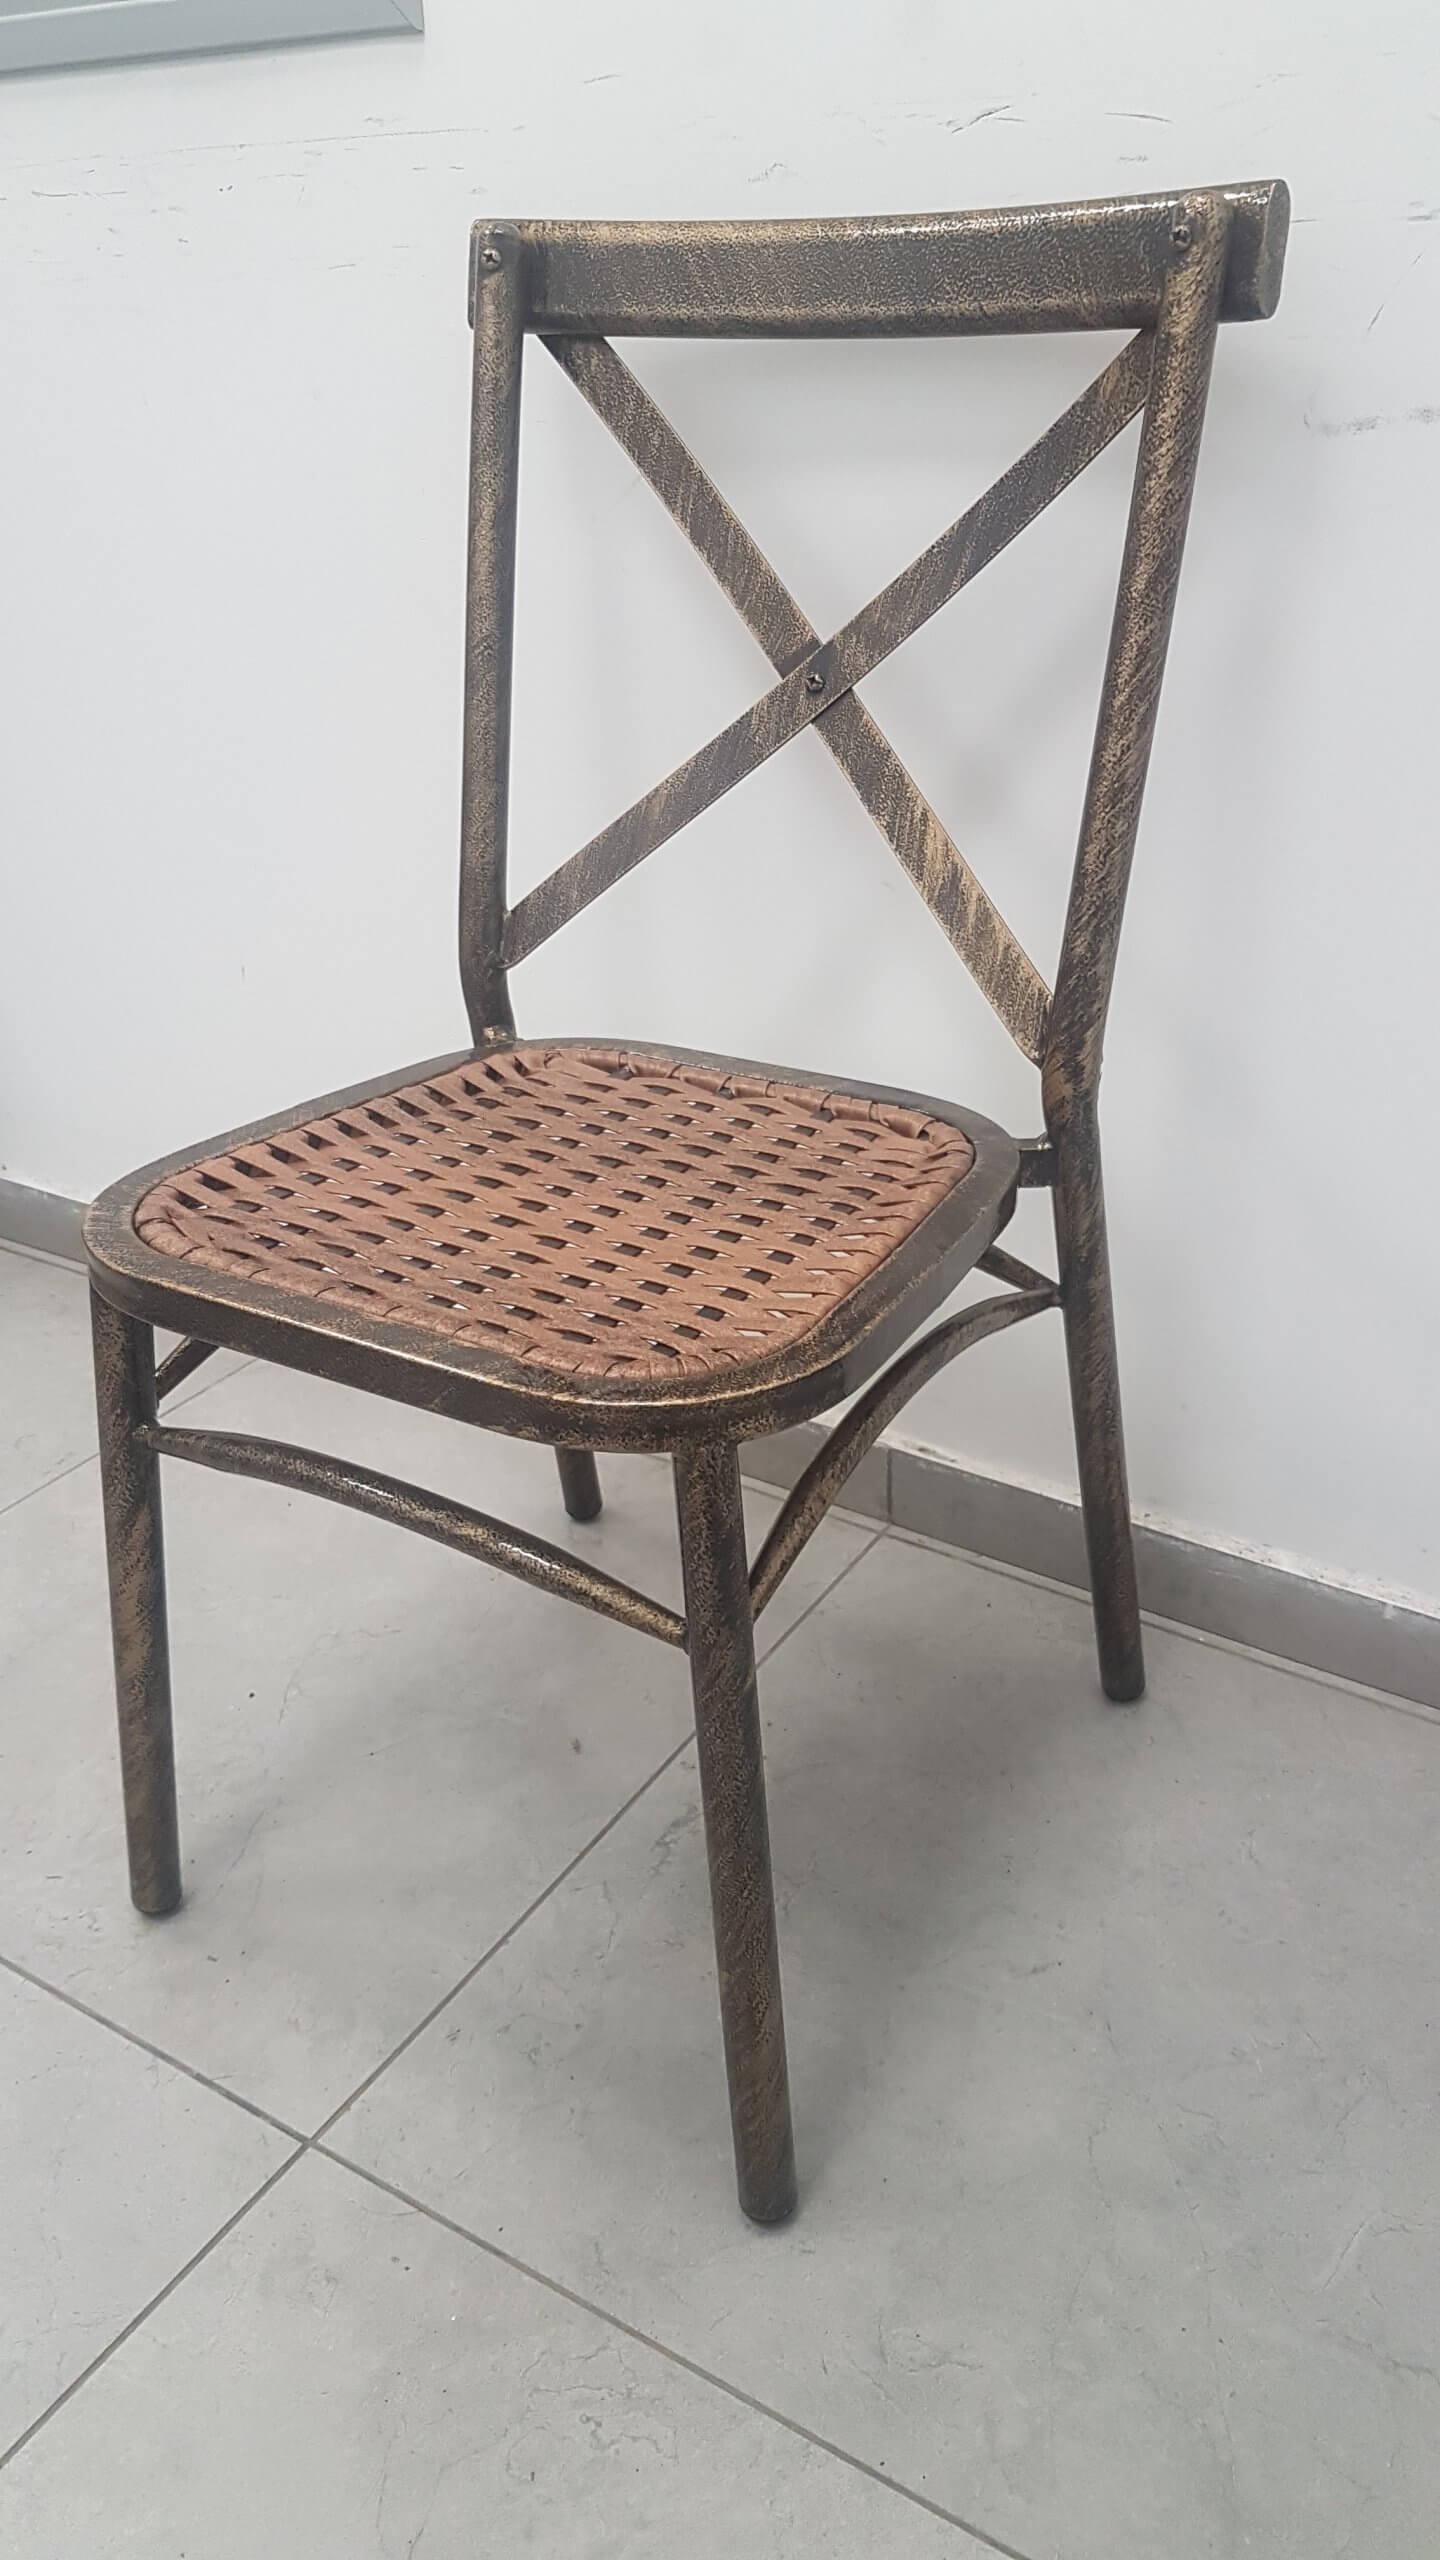 כיסא נערם איקס שחור מגולוון - אופק כסאות